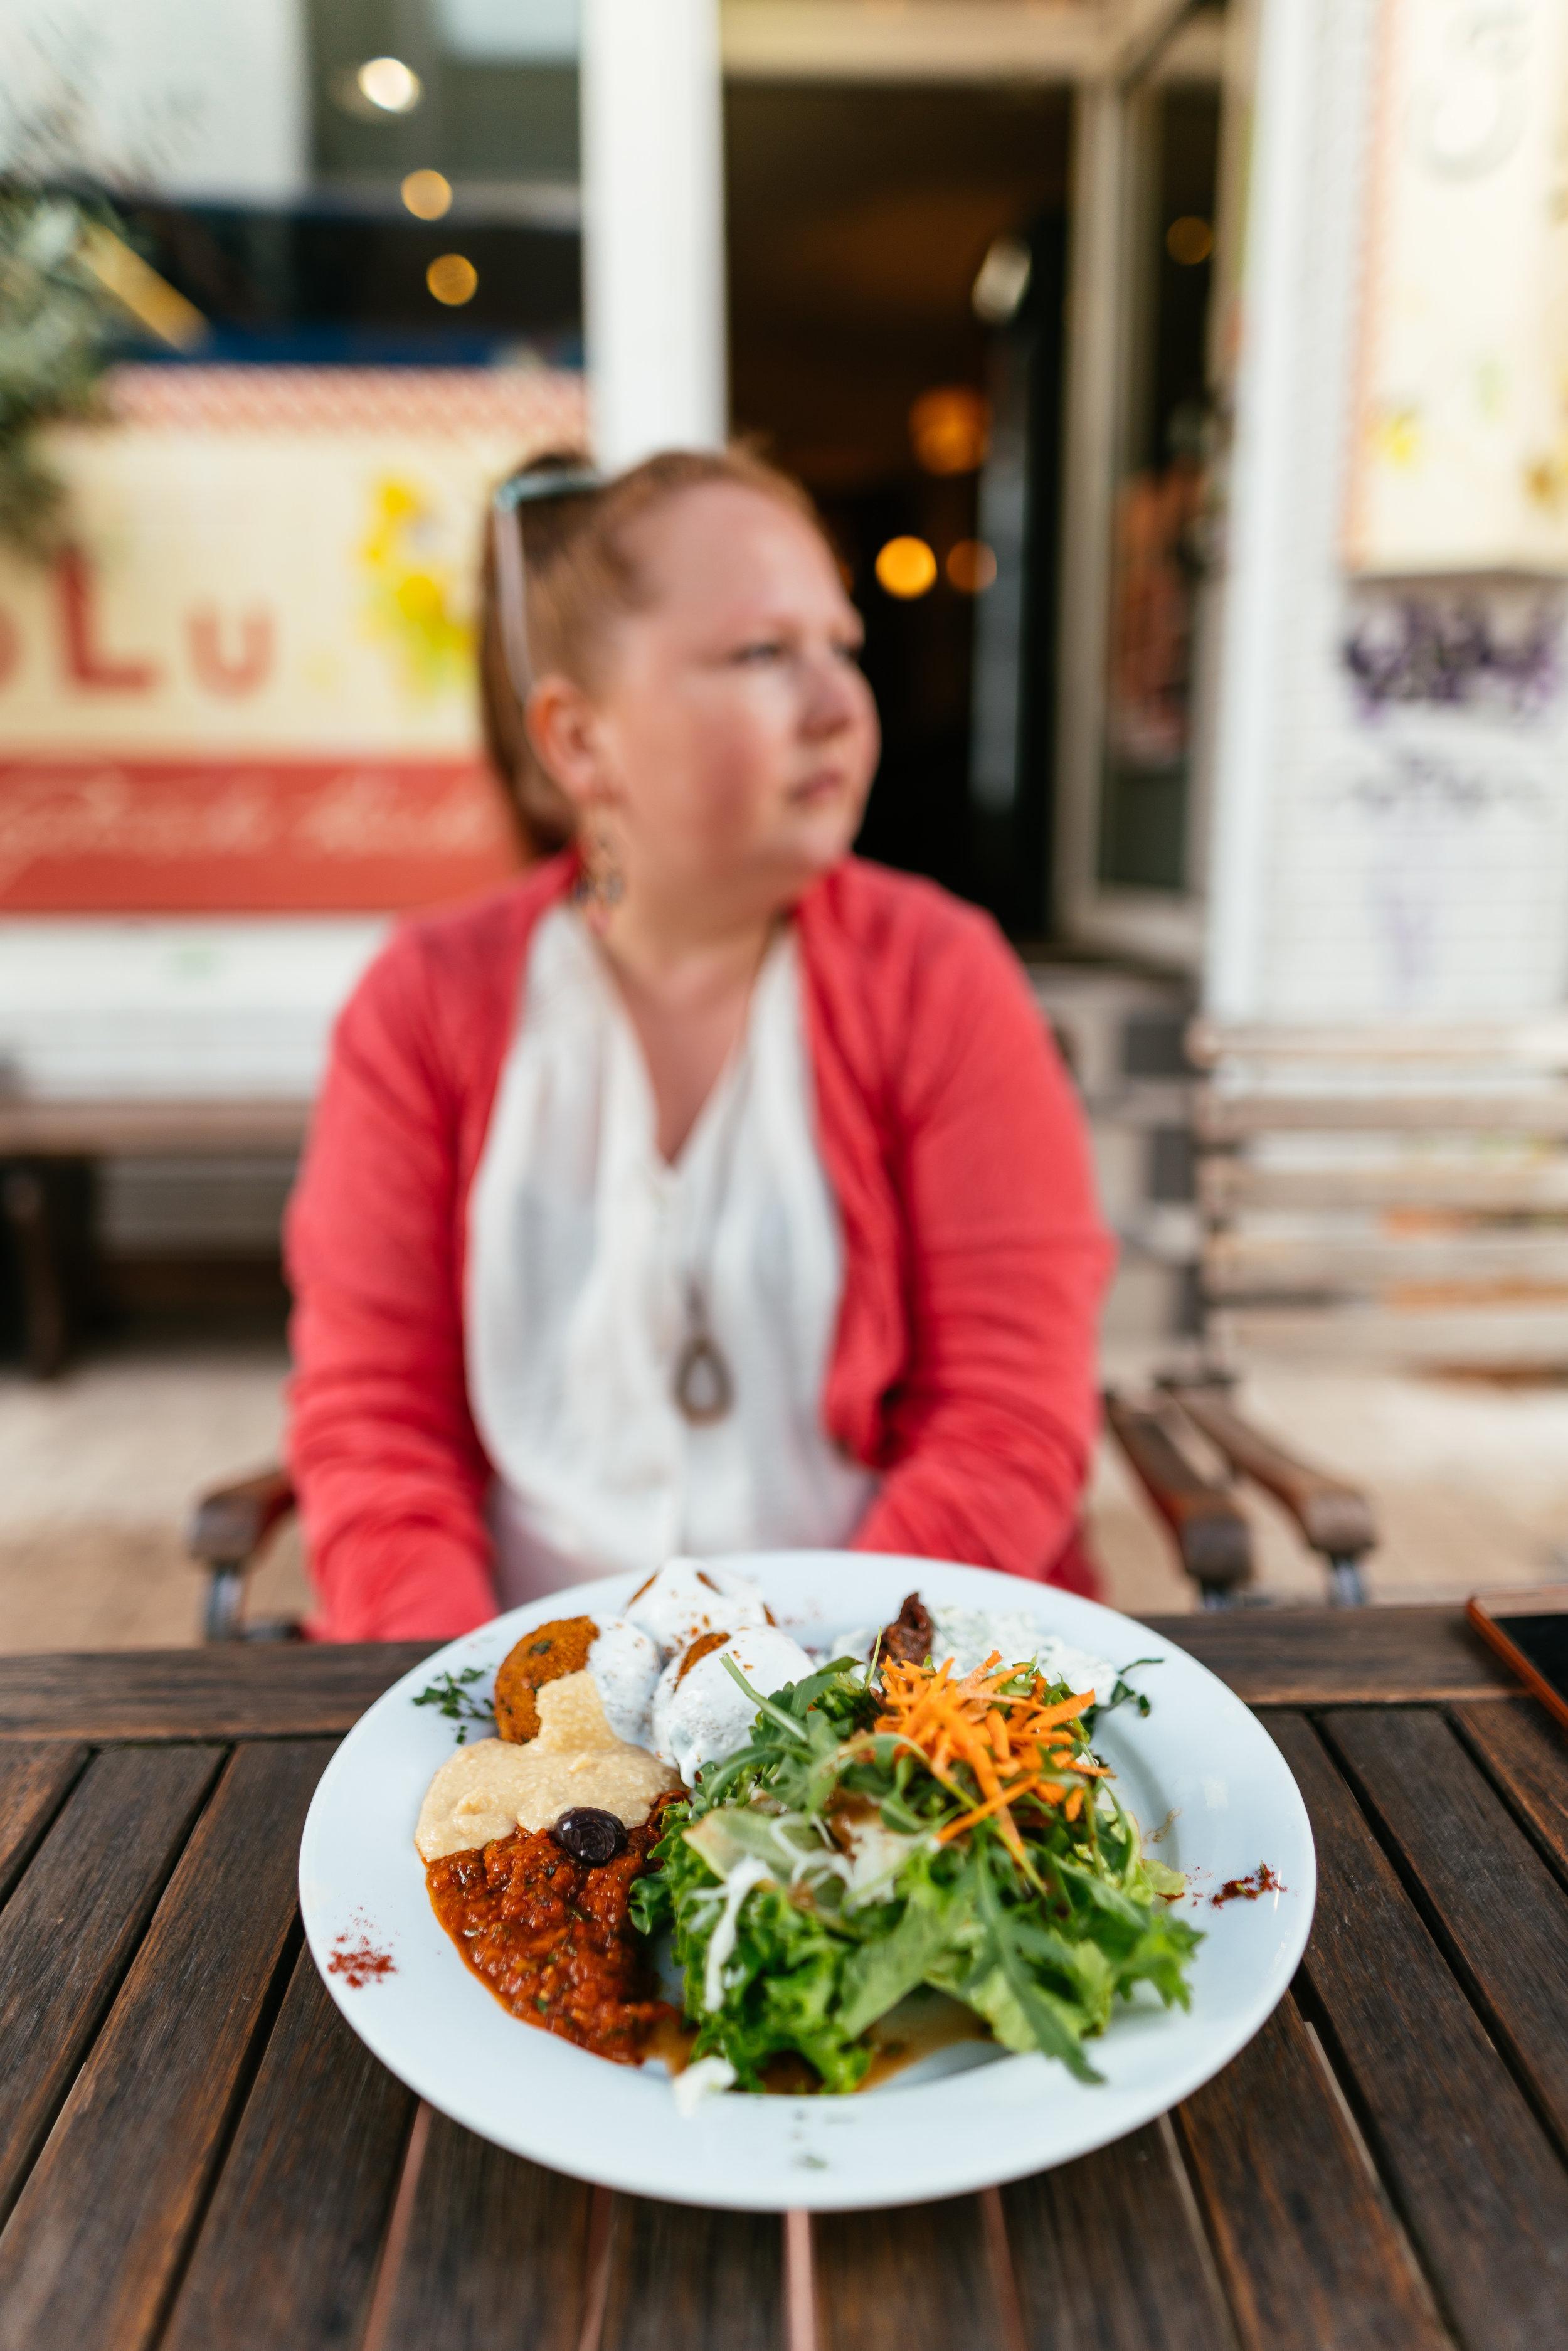 LoLu – vegetarisches und veganes Restaurant / Imbiss - Zugegebener Weise haben Sebastian und ich das LoLu bisher noch gar nicht verbloggt, es erinnert halt nicht unbedingt an einen hippen Spot, das Essen allerdings ist sehr empfehlenswert. Sogar Sebastian, als Fleischfanatiker, isst hier ausnahmsweise gerne vegan / vegetarisch. ;)Deswegen wird's auch endlich mal Zeit, LoLu in unsere Empfehlungen aufzunehmen: Es liegt sehr zentral, ist preislich fair und es gibt 'ne Menge Auswahl!Besonders empfehle ich immer wieder gern den Zucchini– oder Seitanburger und dieKartoffelkäsebällchen mit Humus, Salat und Dipp, dazu einen hausgemachten Ayran – ein Traum UNDrecht gesund, genau der richtige Ausklang für unsere heutige Tour.Anmerkung Sebastian: Das LoLu ist einer dieser Läden, wo ich immer das Gleiche bestelle und nie experimentiere, der Zucchini–Burger mit den Potato–Wedges ist einfach ZU GUT! ☺